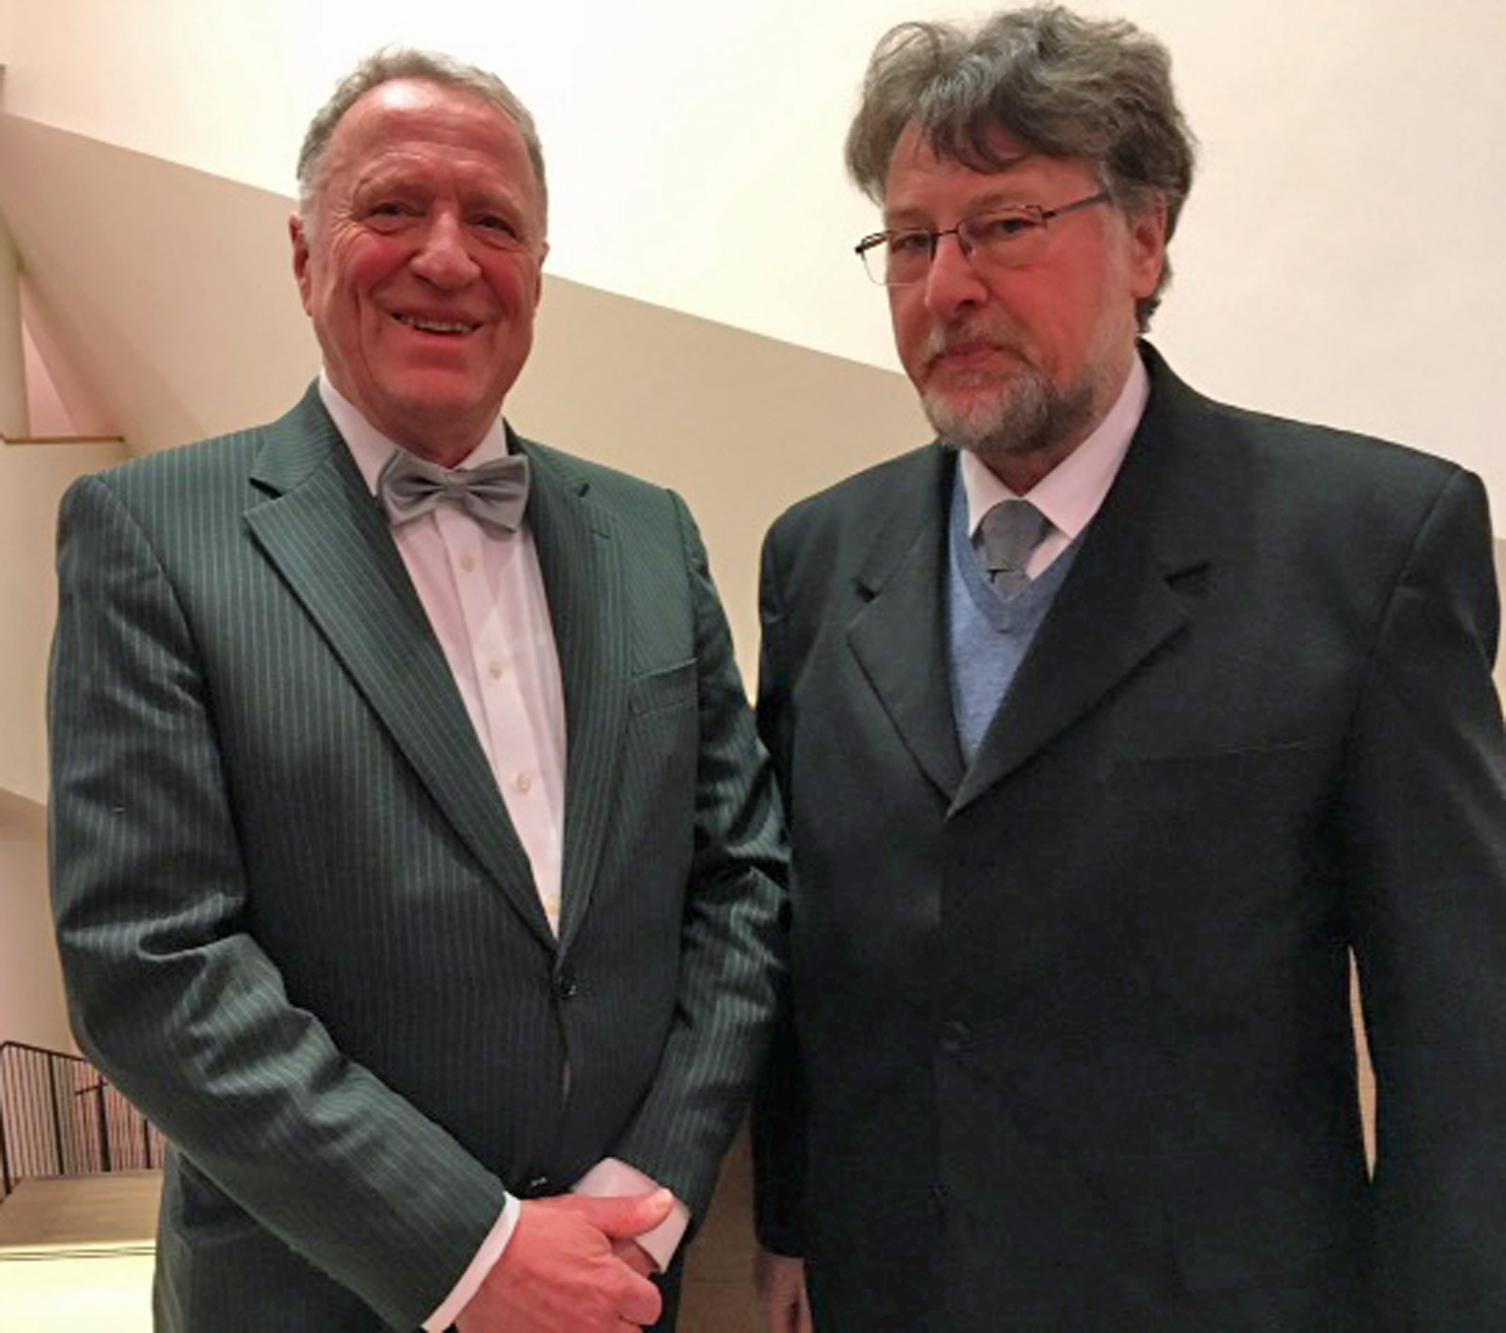 KVU-Vorsitzende Peter Wunder (li.) und Karl Stumpfi erwartungsvoll kurz vor Konzertbeginn in der Elbphilharmonie. Fotos: Maria Wunder